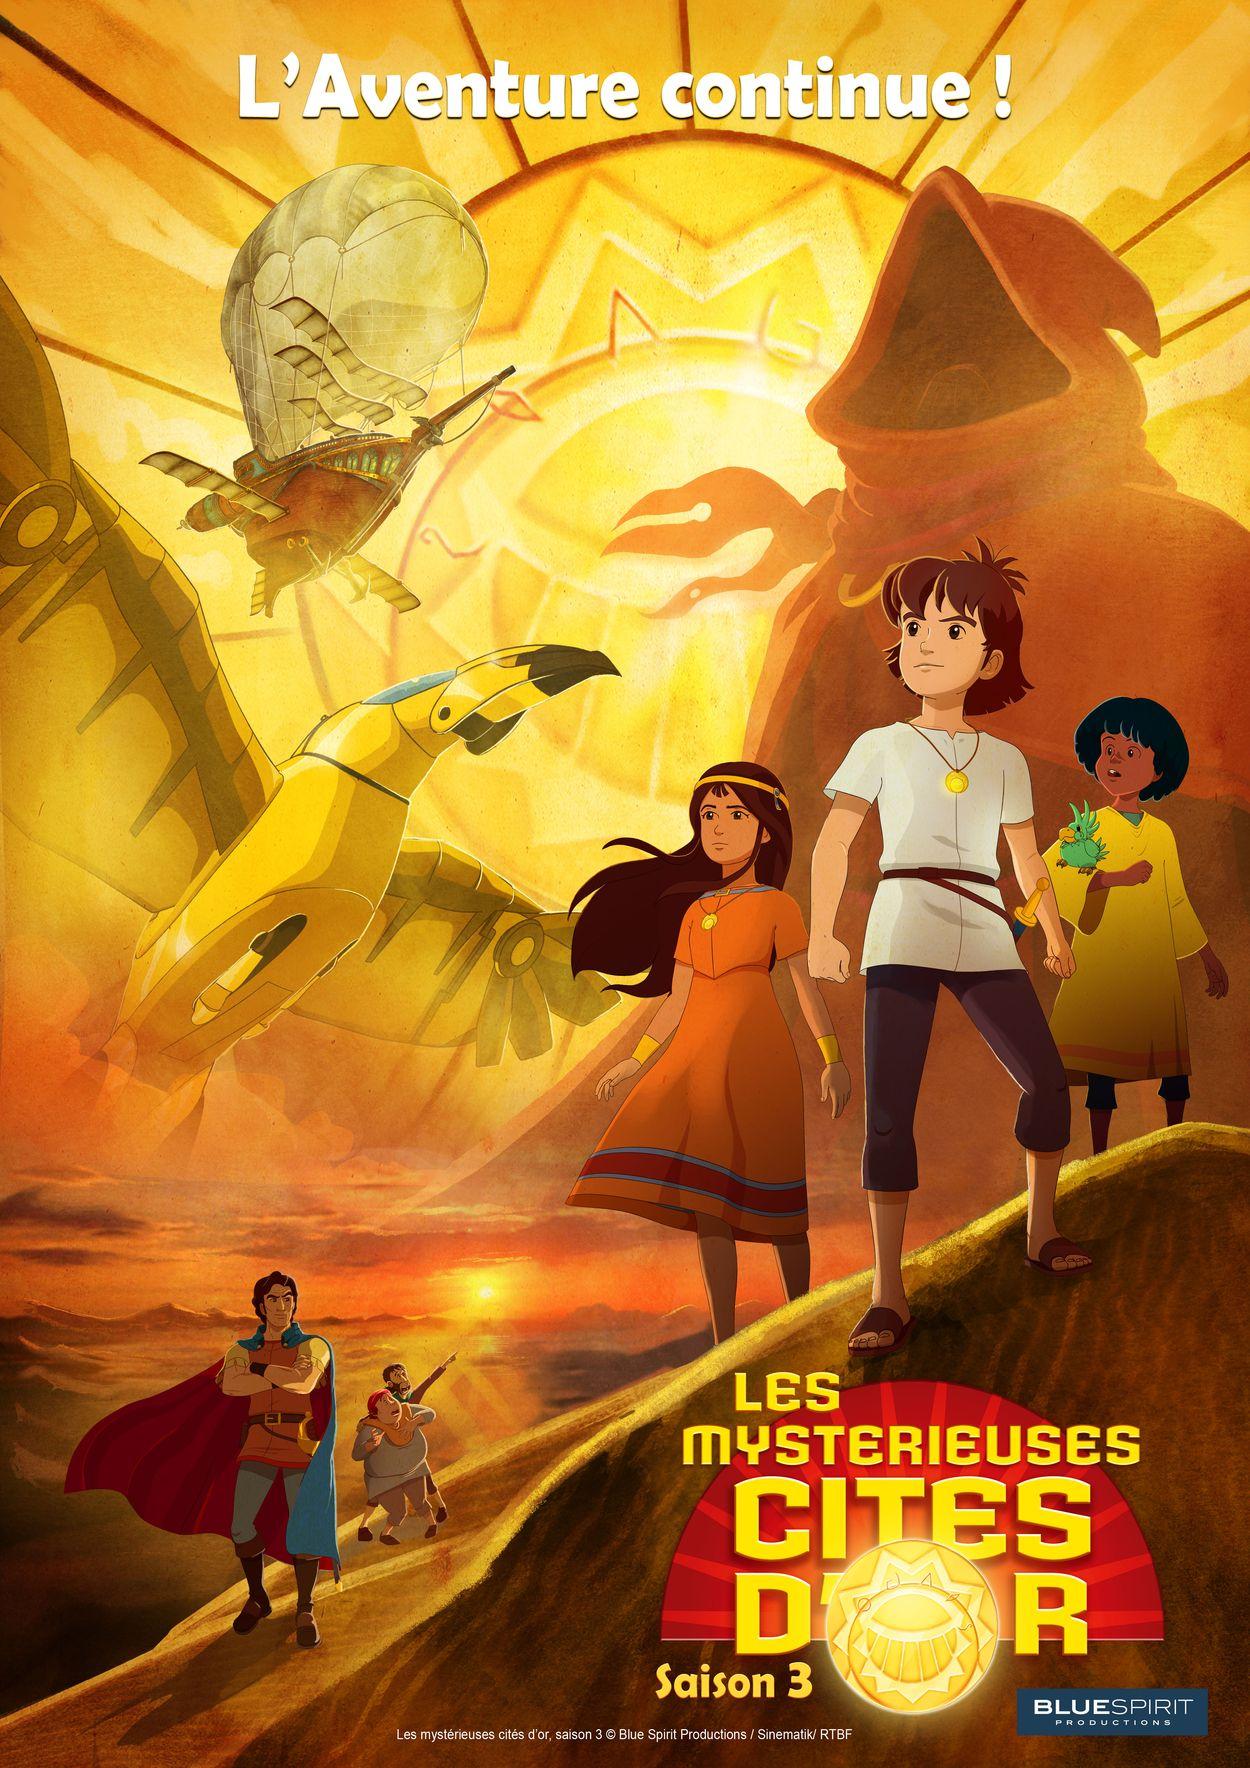 Myst rieuses cit s d 39 or les saison 3 serie tv 2016 manga news - Date des saisons 2016 ...